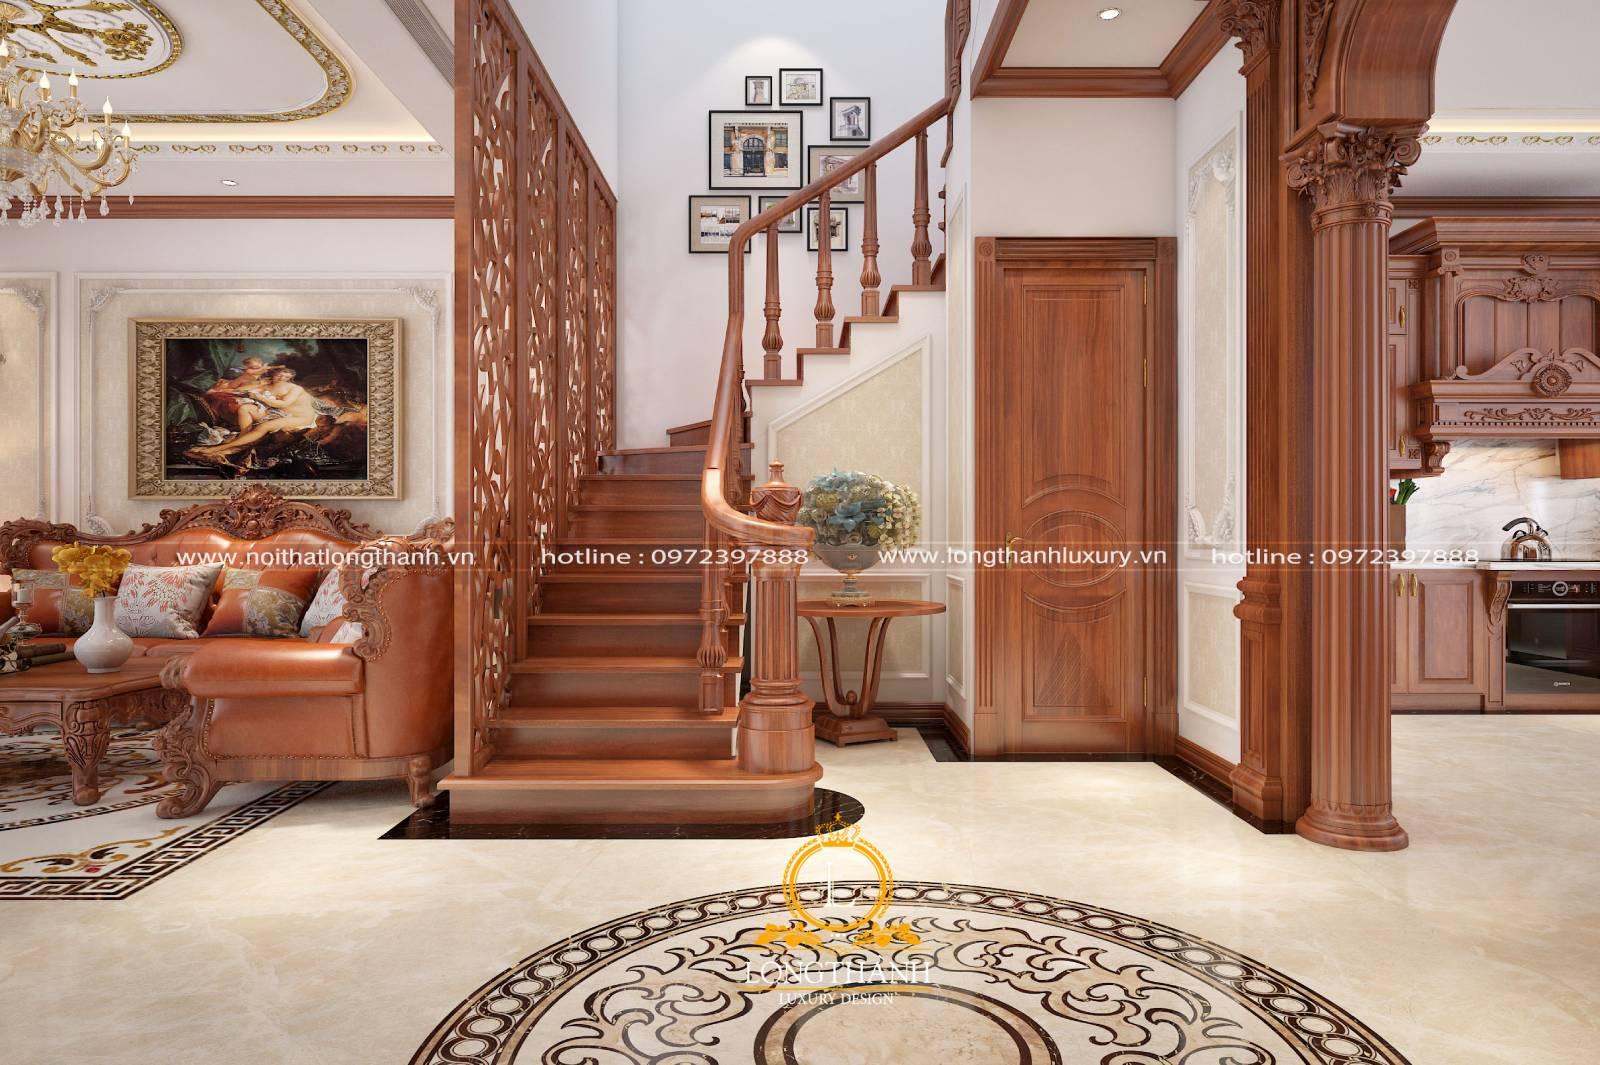 Gờ trên bậc cầu thang phòng khách nhà biệt thự bằng gỗ tự nhiên